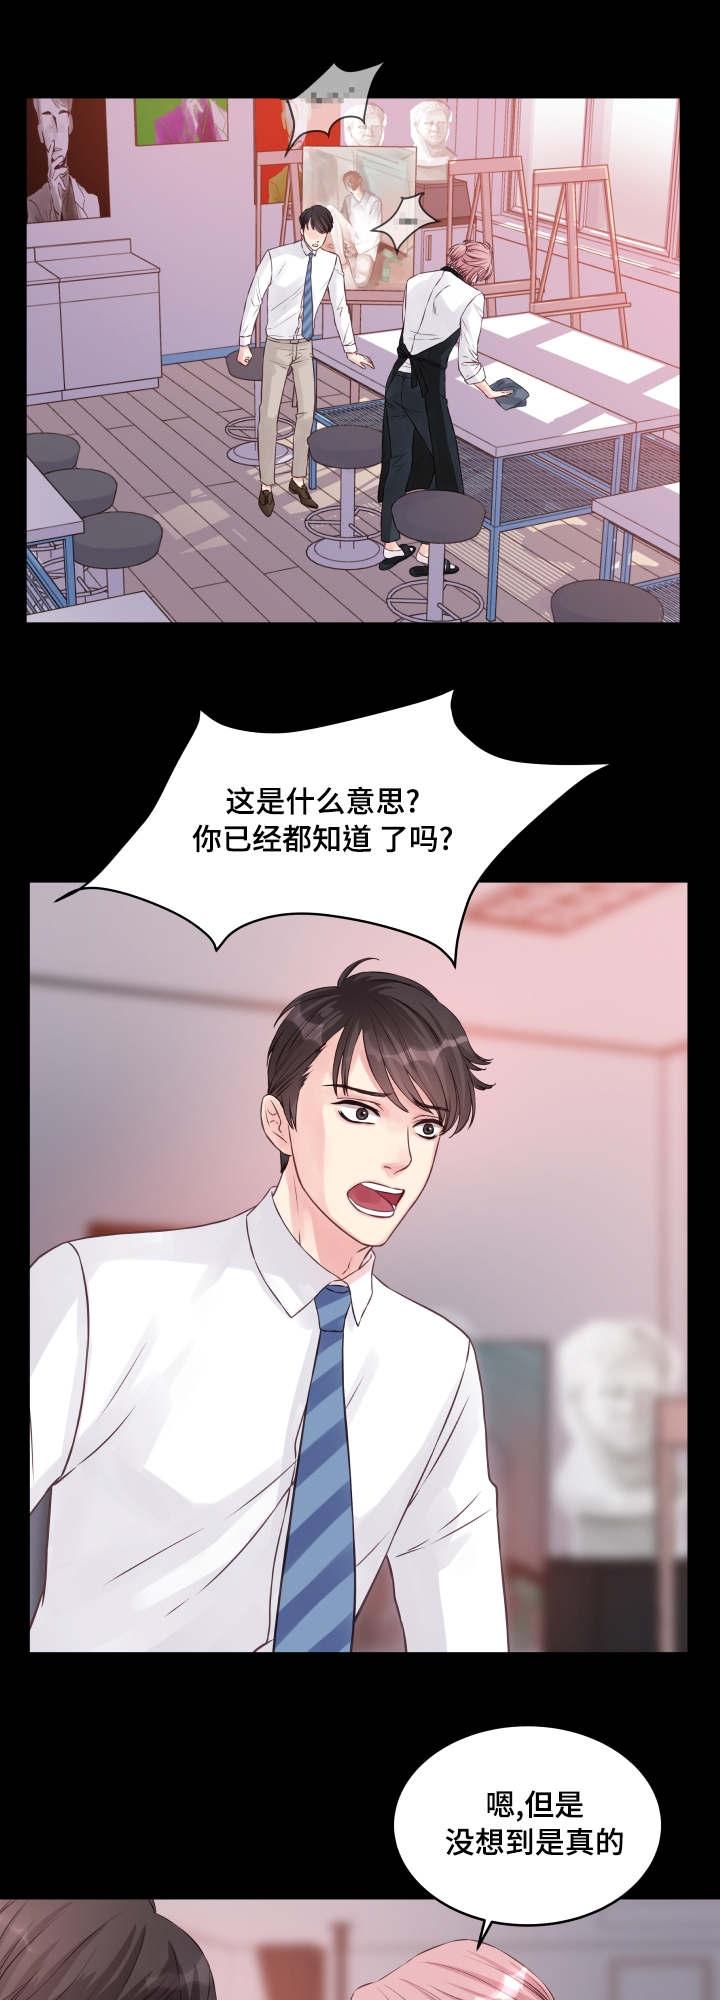 桃花朵朵衰-漫画韩国最新连载首发_全集在线阅读-啵乐漫画